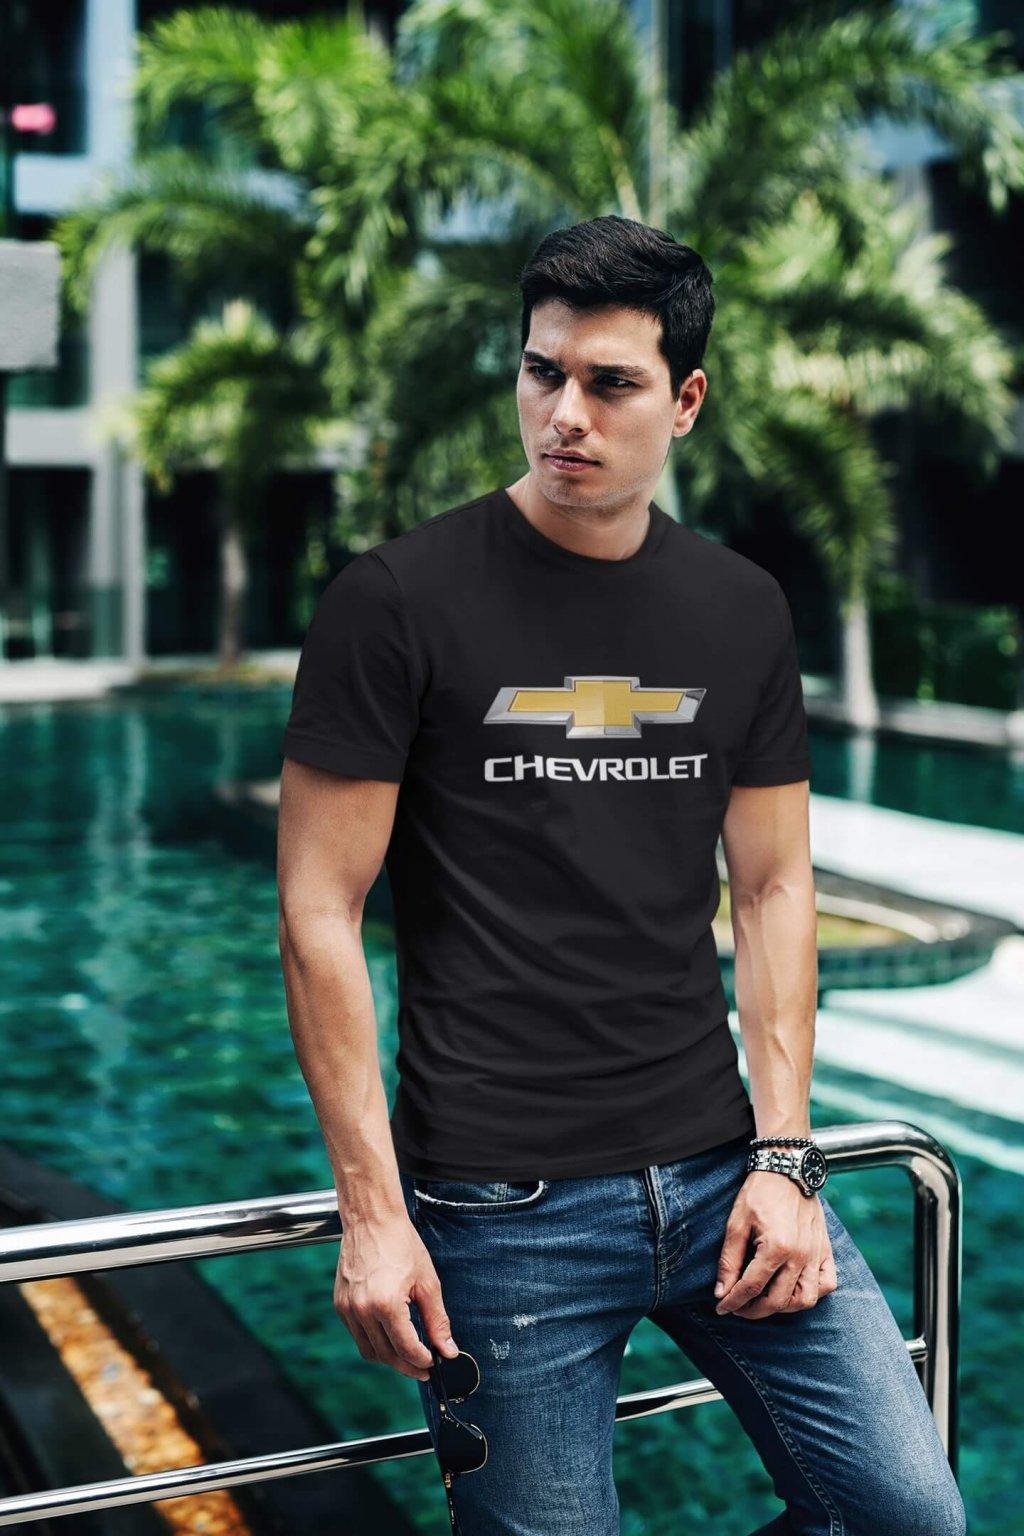 Tričko s logom auta Chevrolet